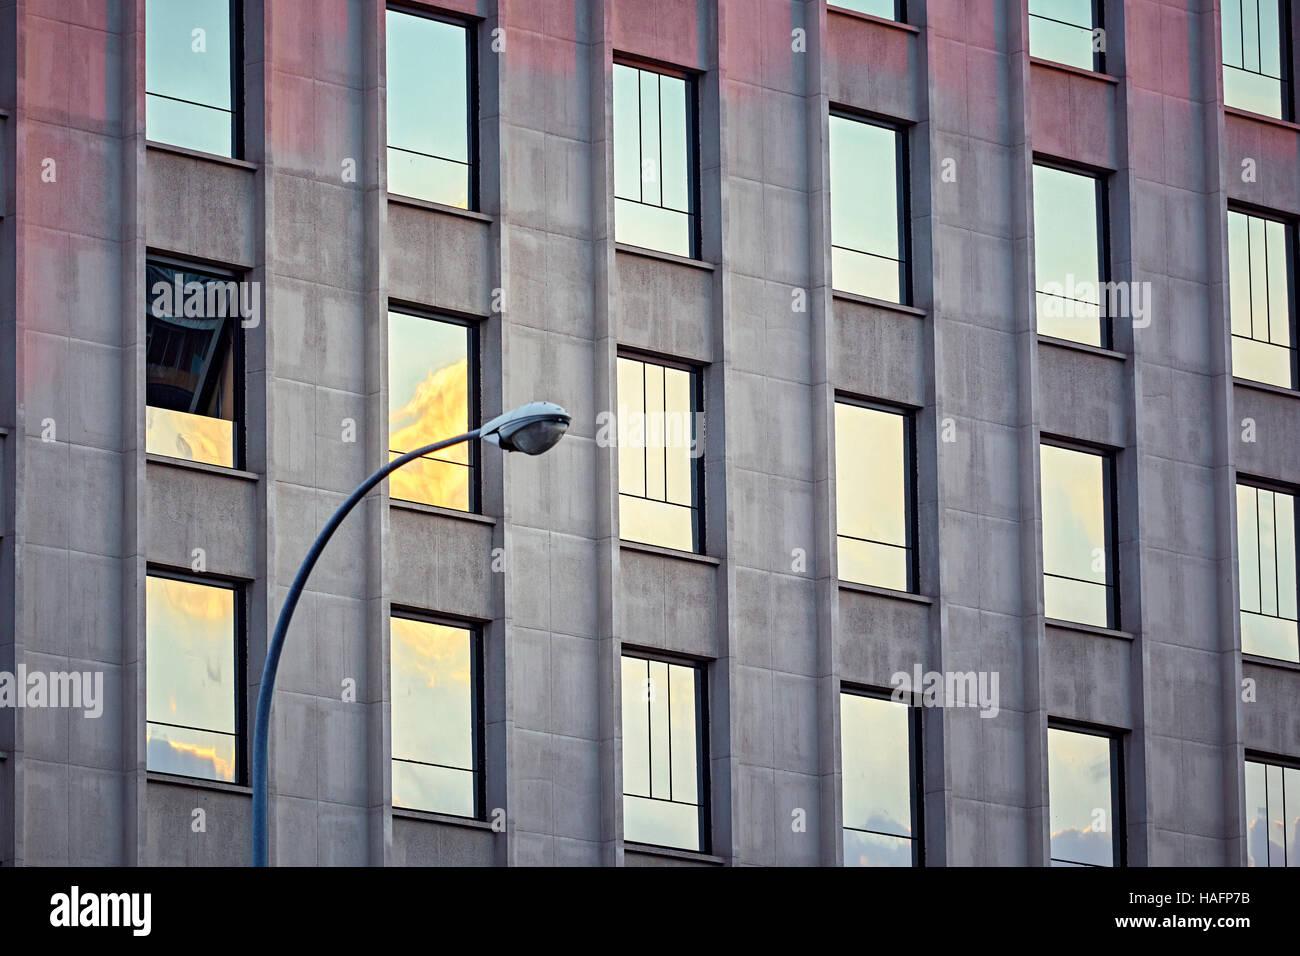 Motif de répétition sur un immeuble de bureaux. Madrid. Espagne Photo Stock